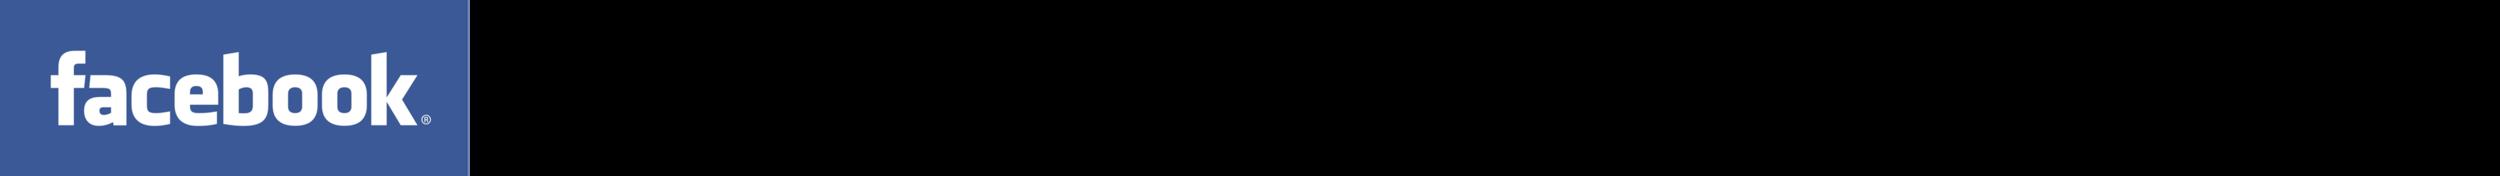 facebook-logo-lejdastaz.png